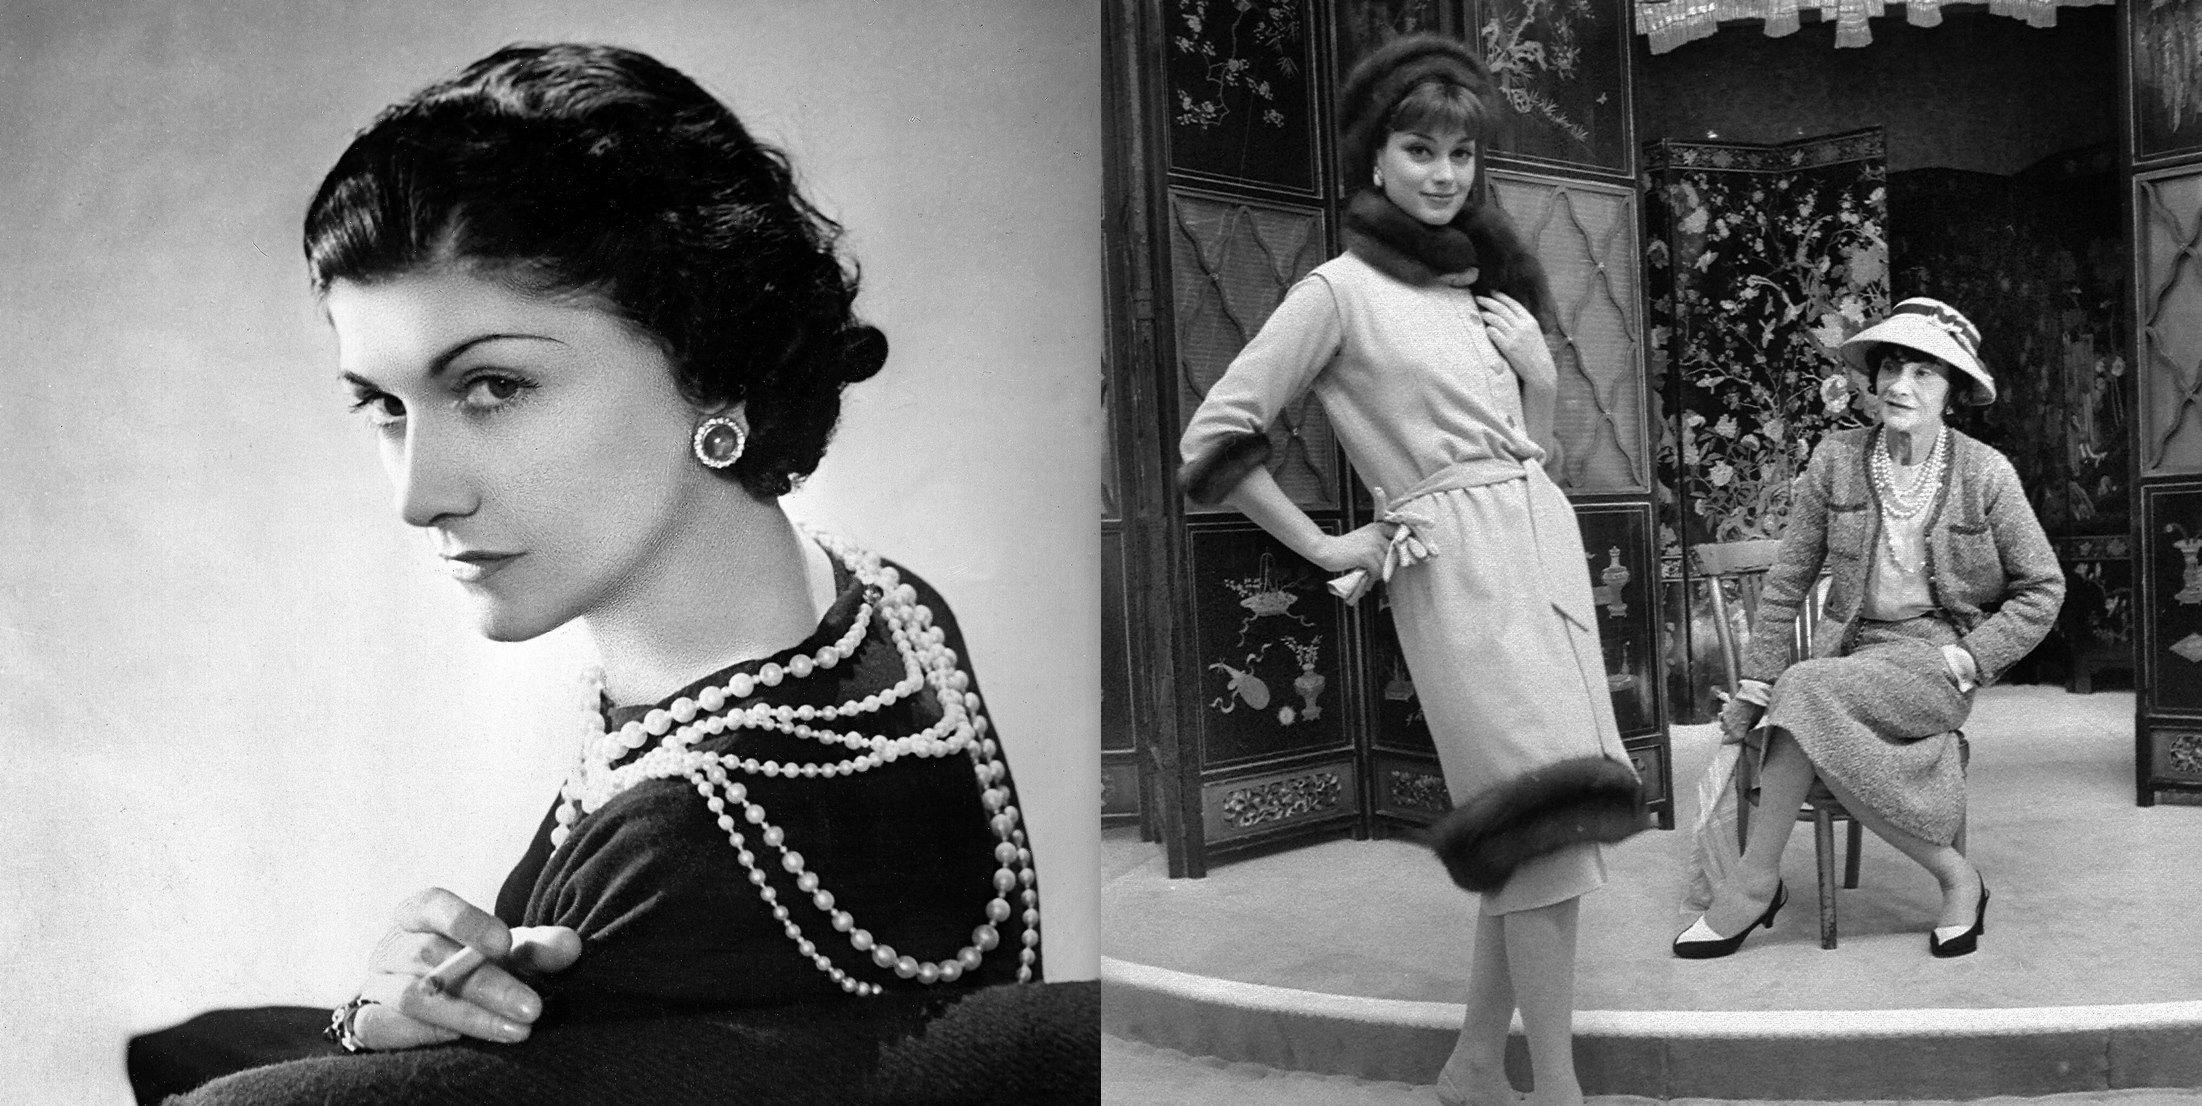 香奈兒,時尚,Coco Chanel,名言,名句,金句,我沒時間討厭你